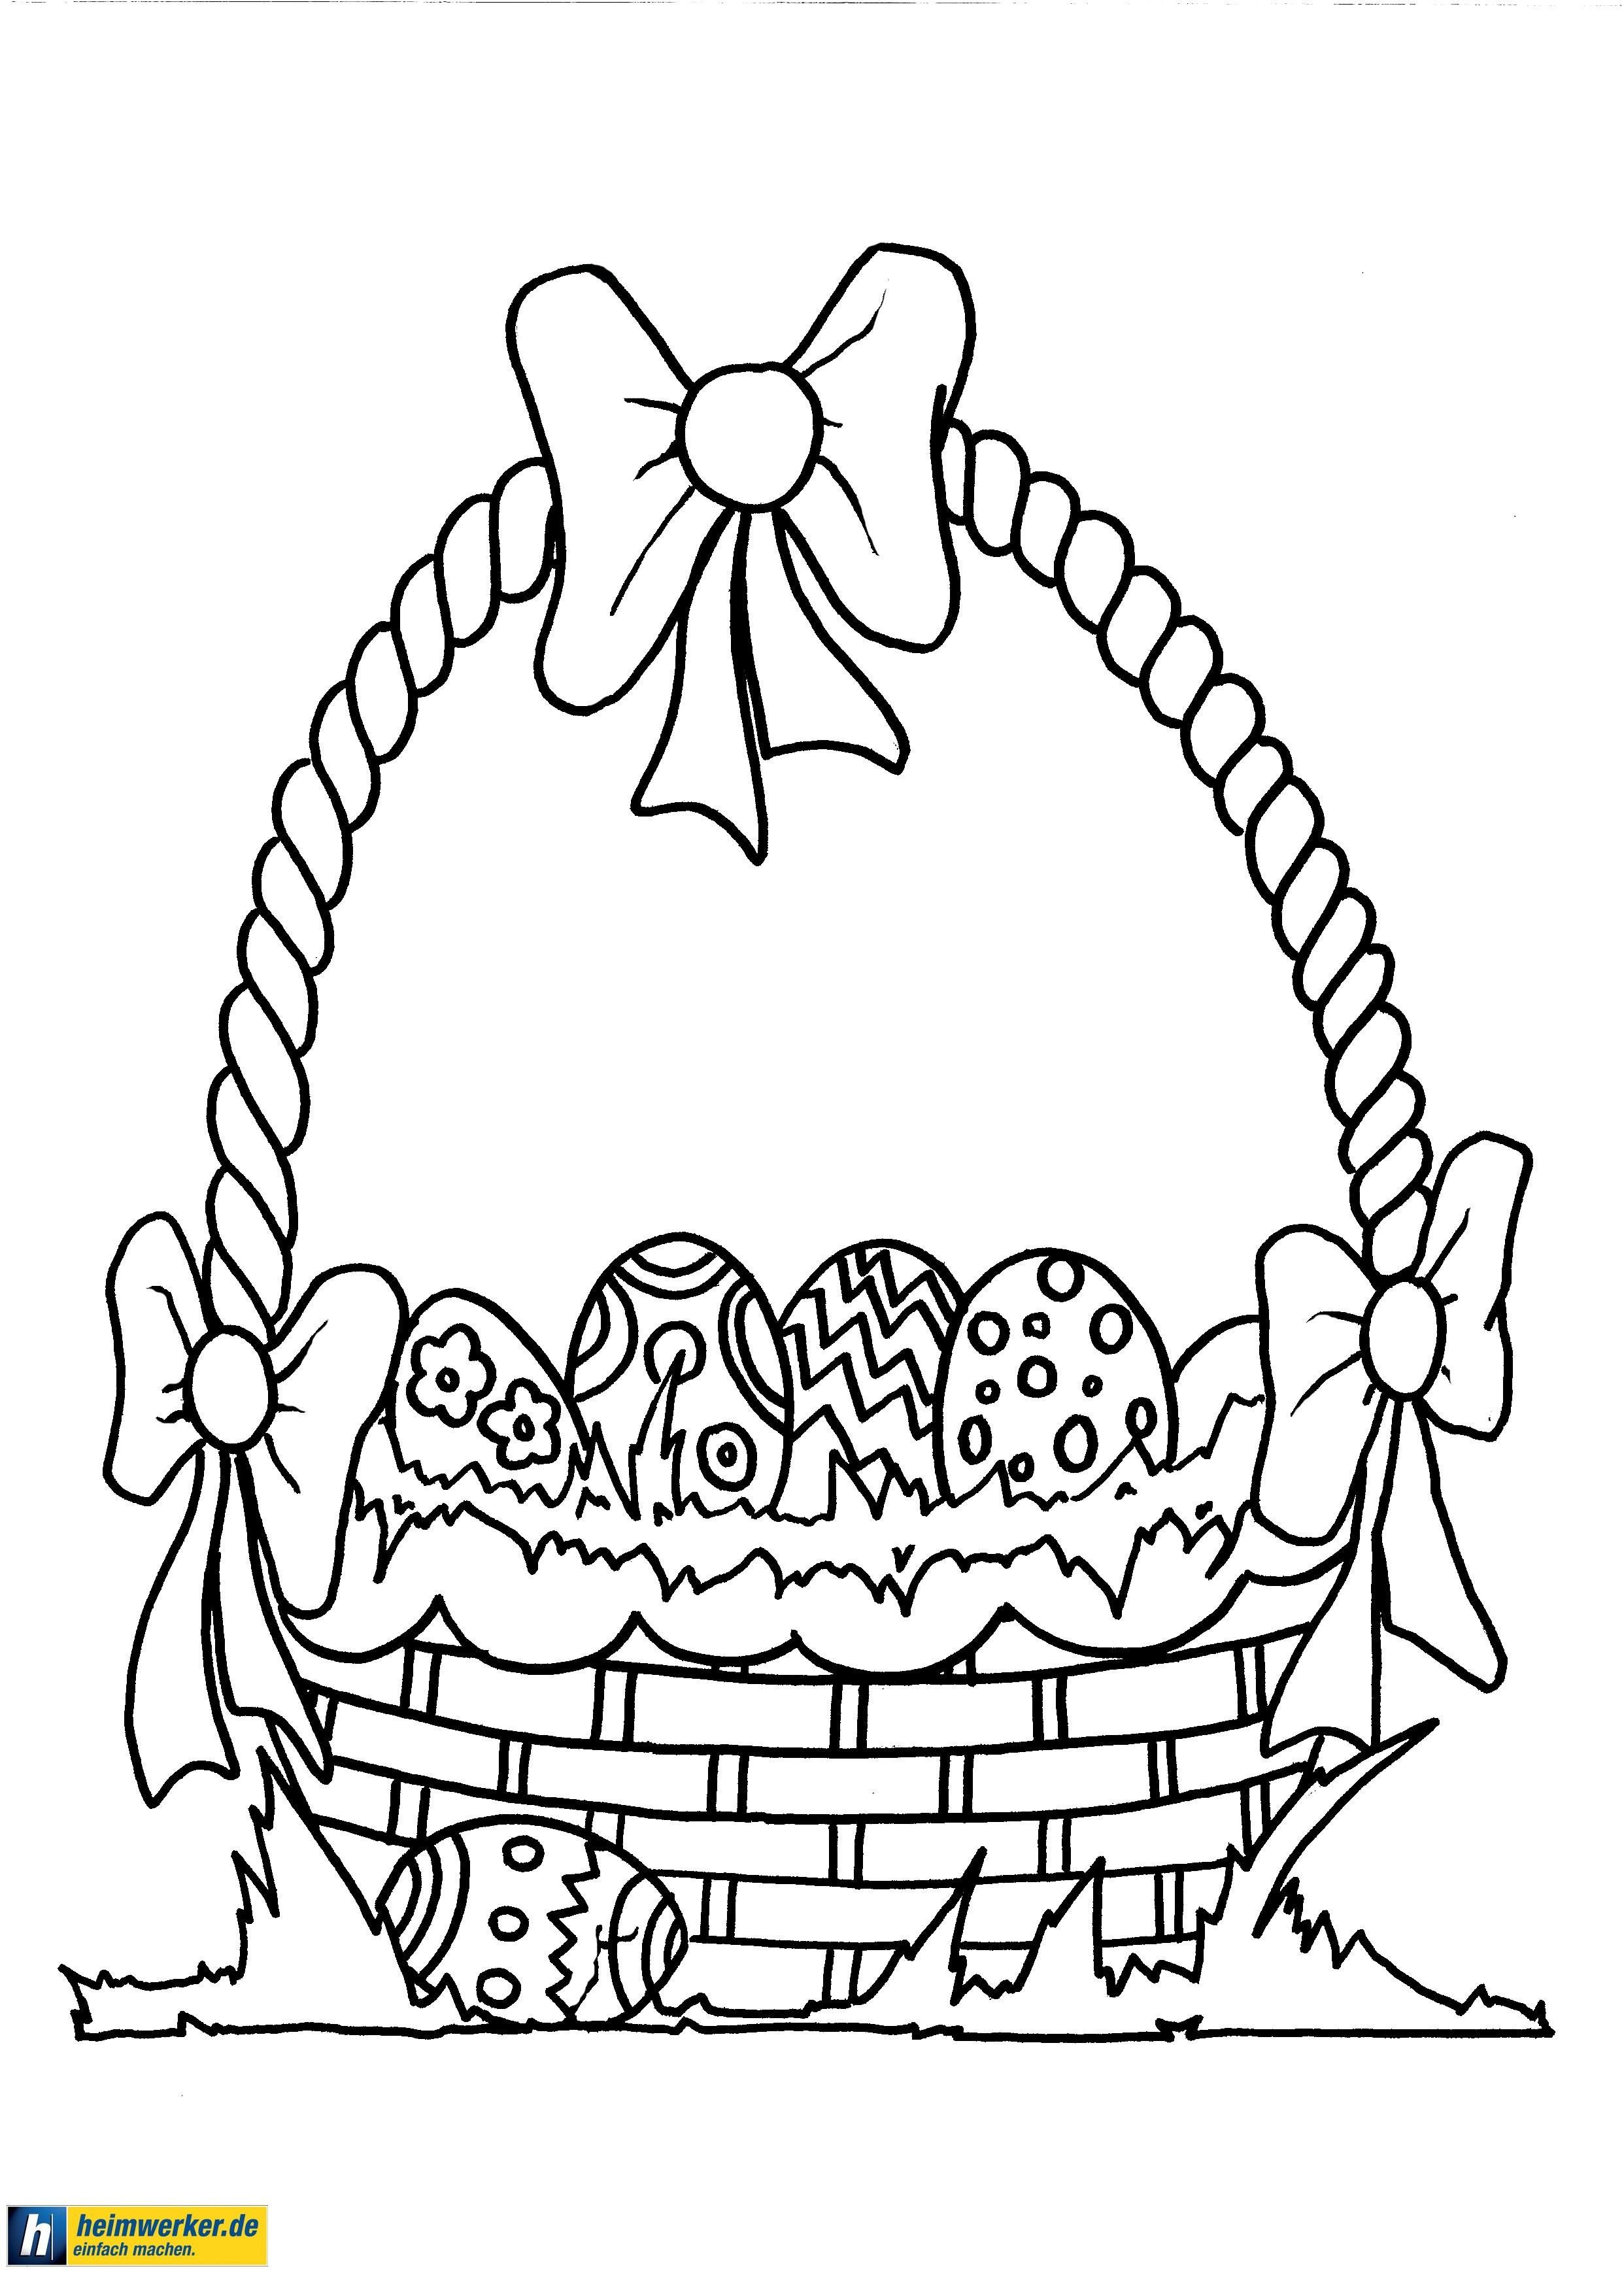 Ausmalbilder Frohe Weihnachten.Ausmalbilder Frohe Ostern Das Beste Von Ostern Vorlagen Zum